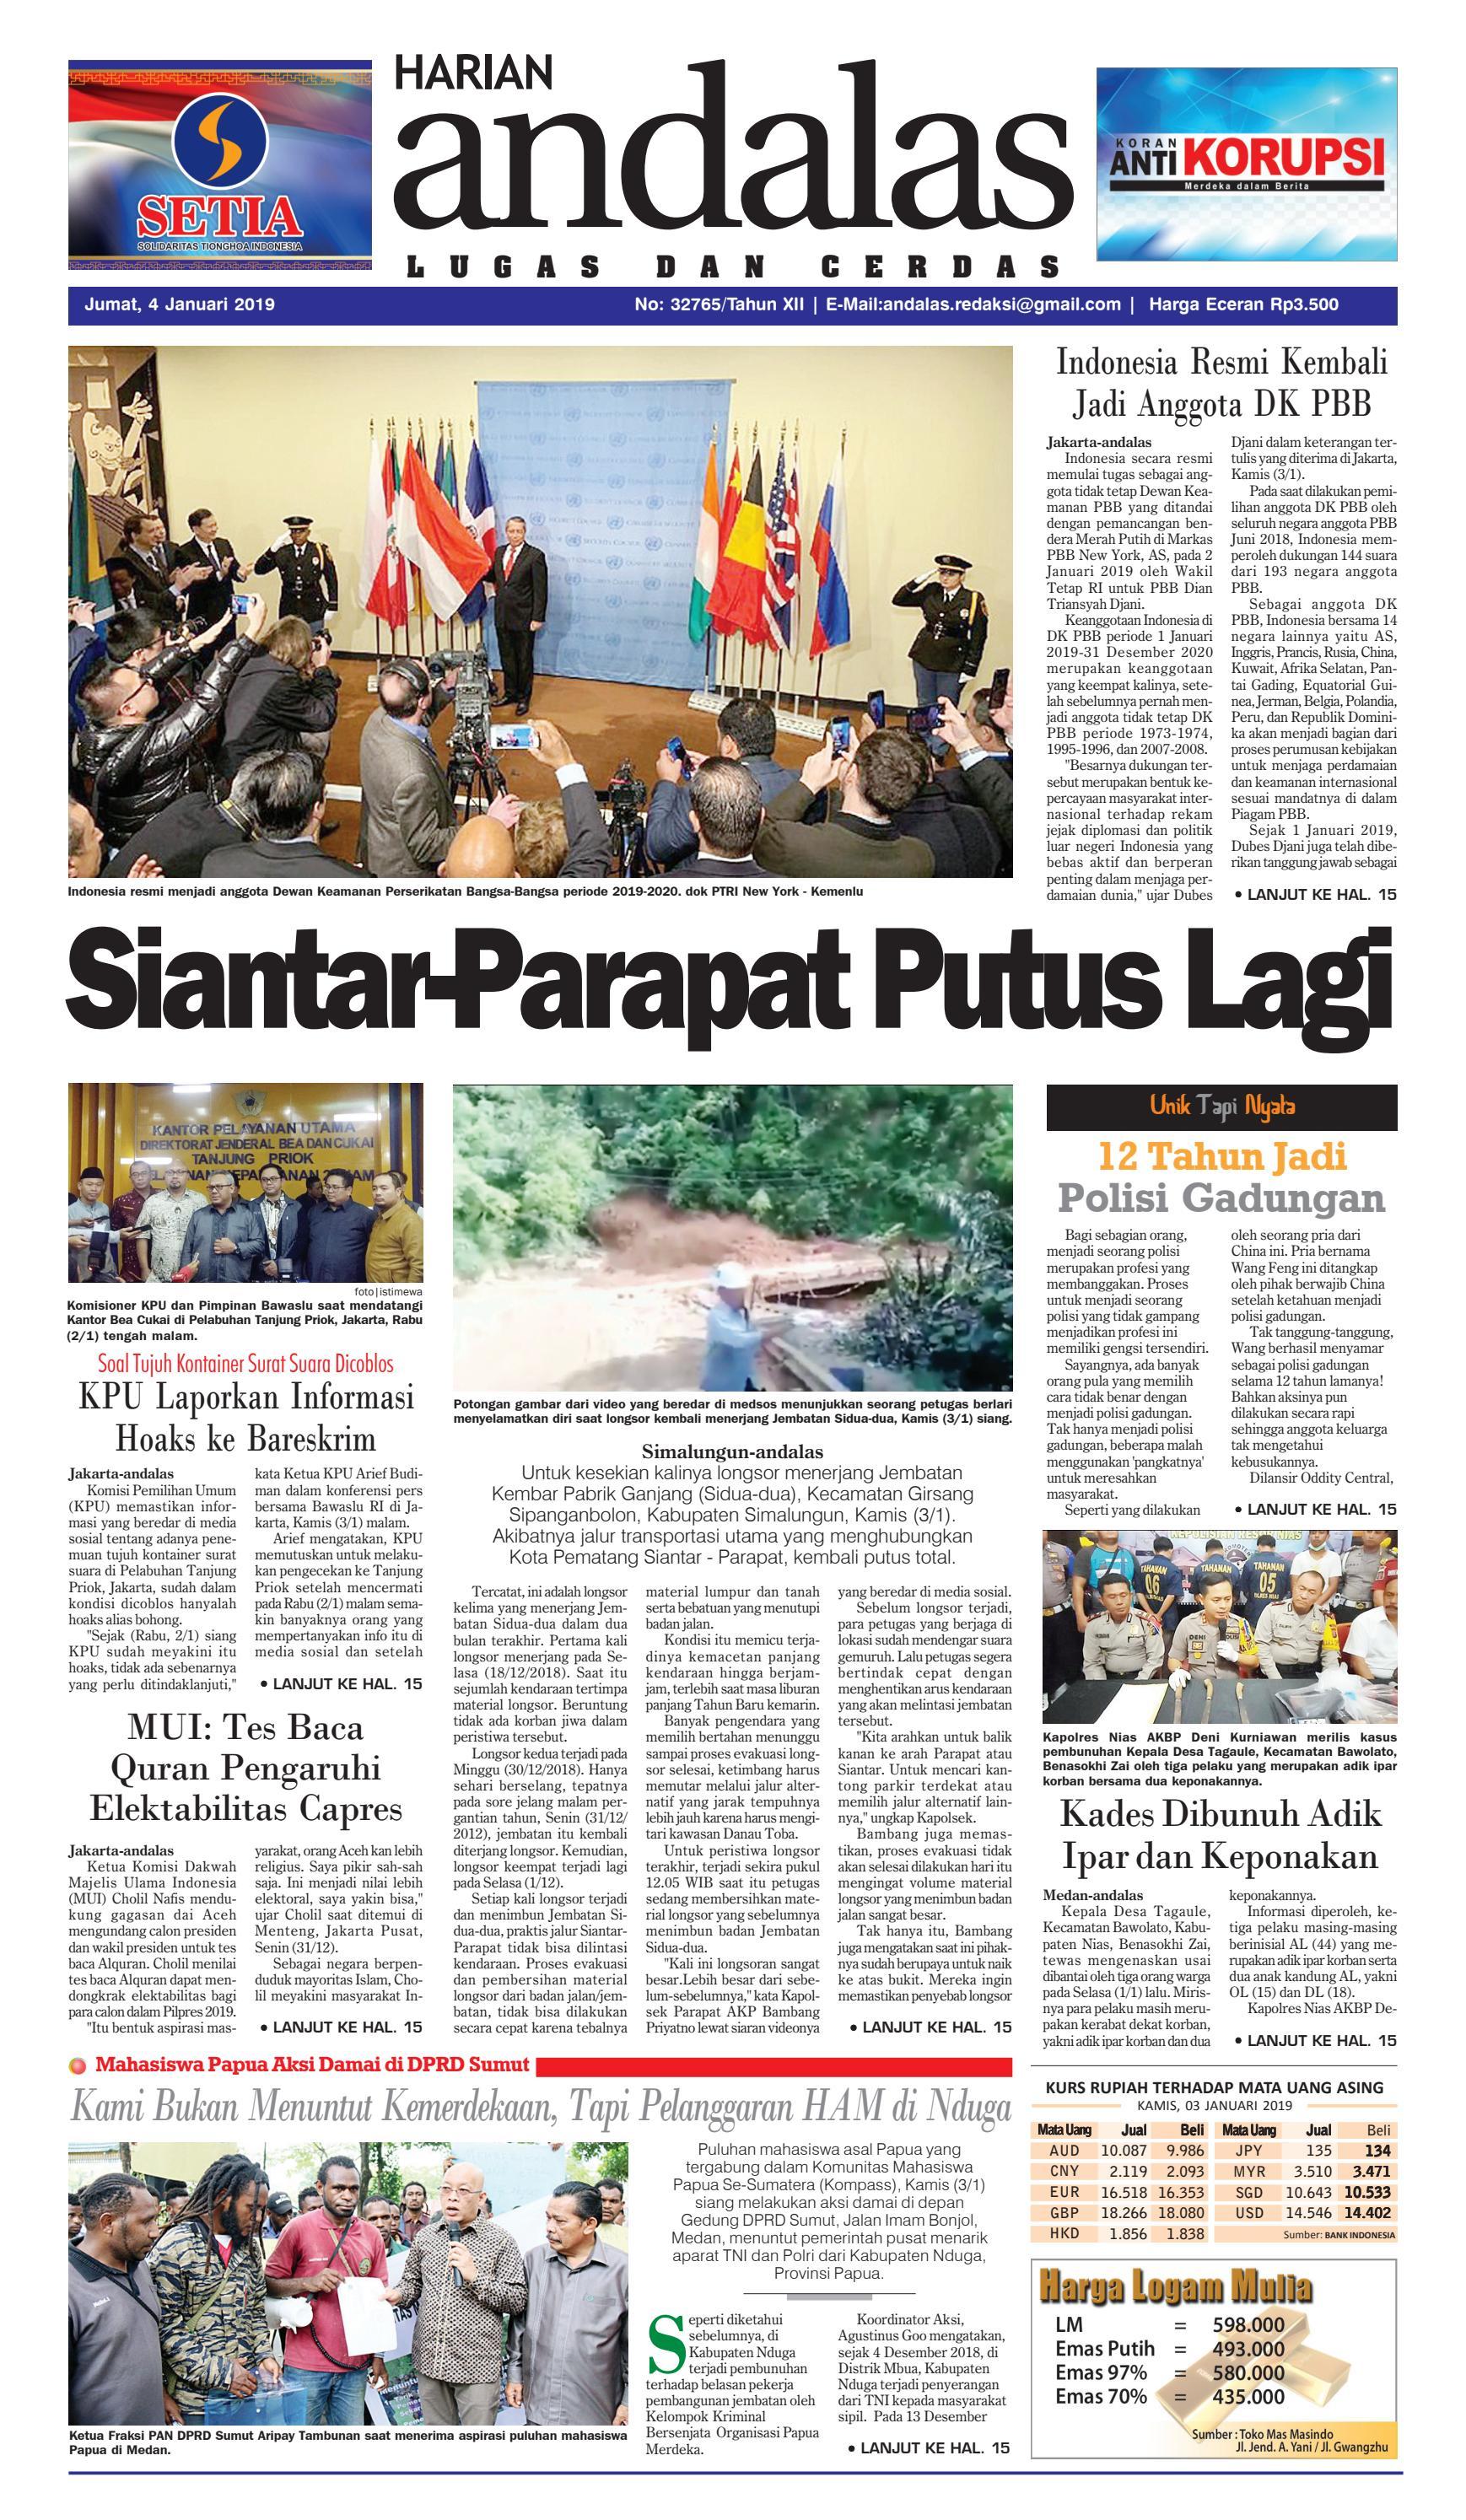 Epaper Harian Andalas 04 Januari 2019